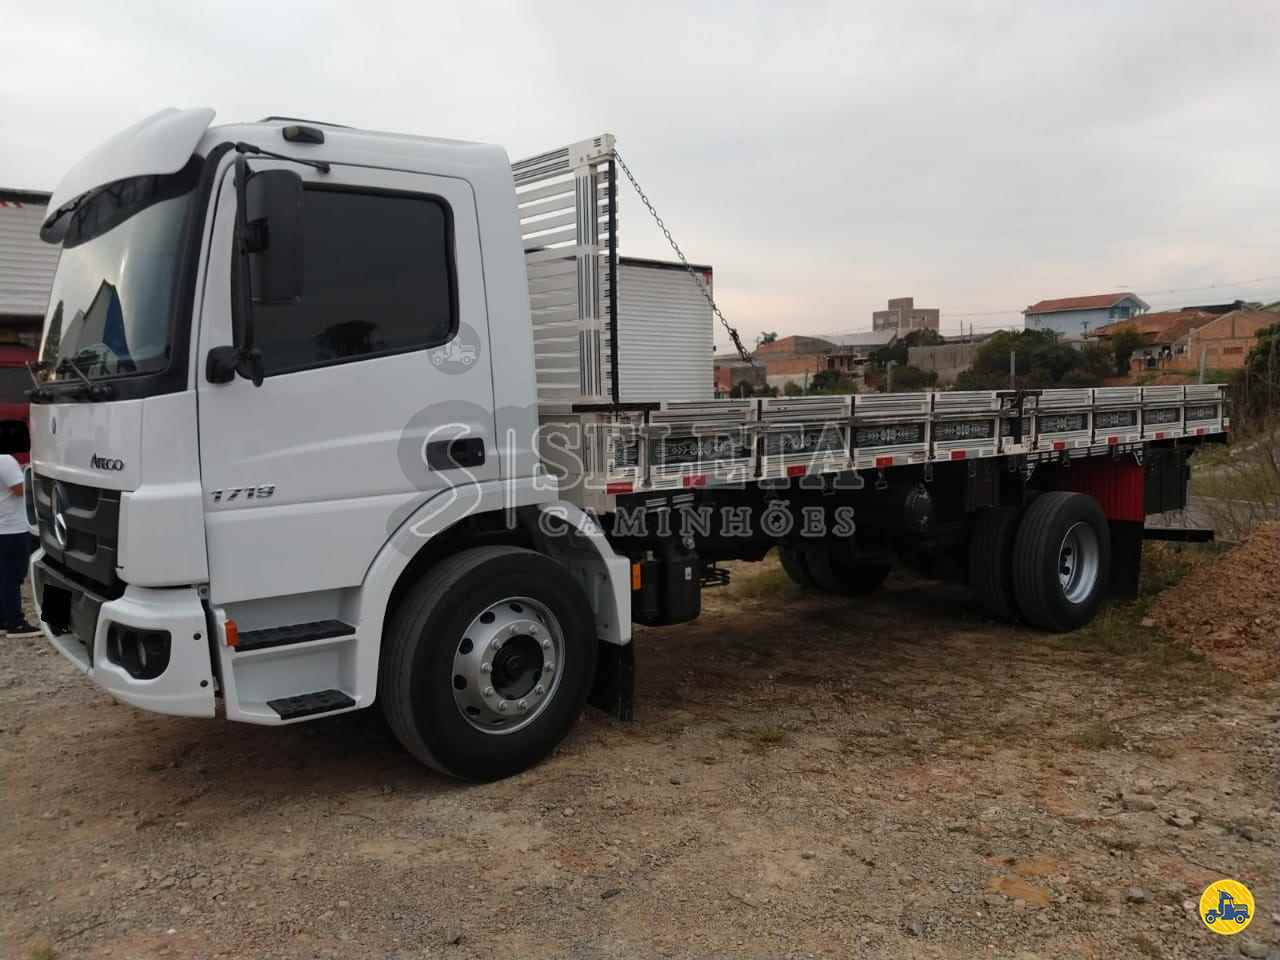 CAMINHAO MERCEDES-BENZ MB 1719 Carga Seca Toco 4x2 Seleta Caminhões CAMPO LARGO PARANÁ PR